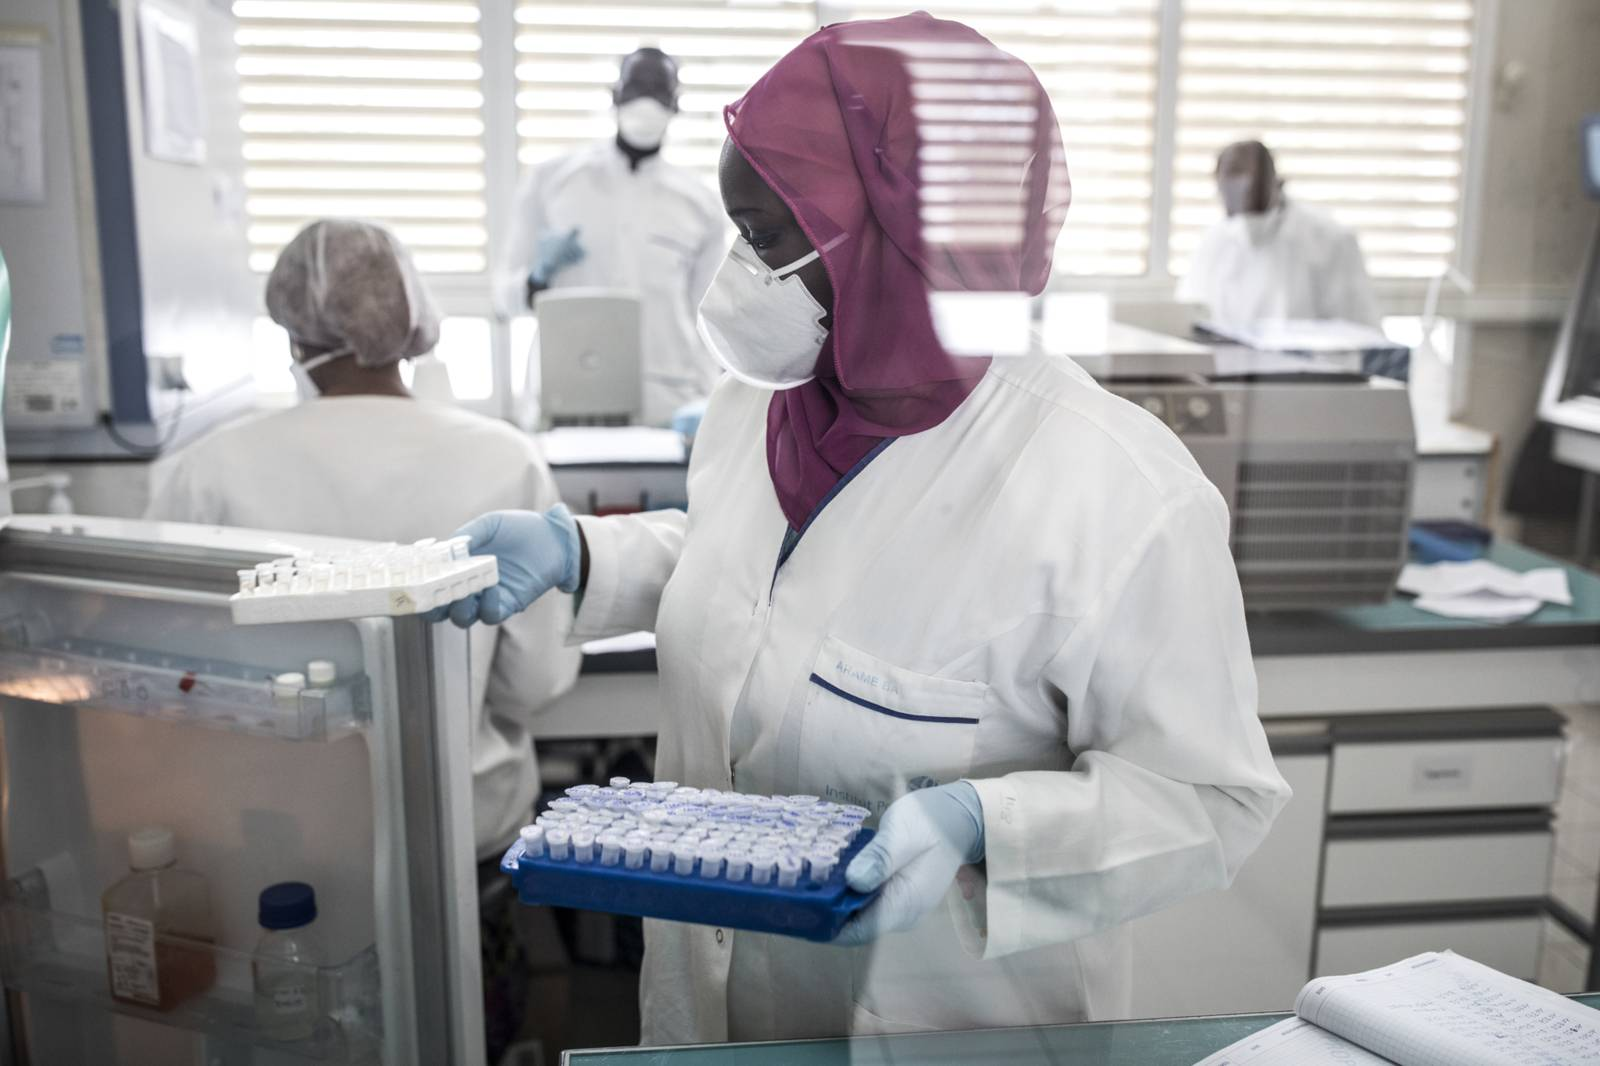 Pasteur Institute of Dakar